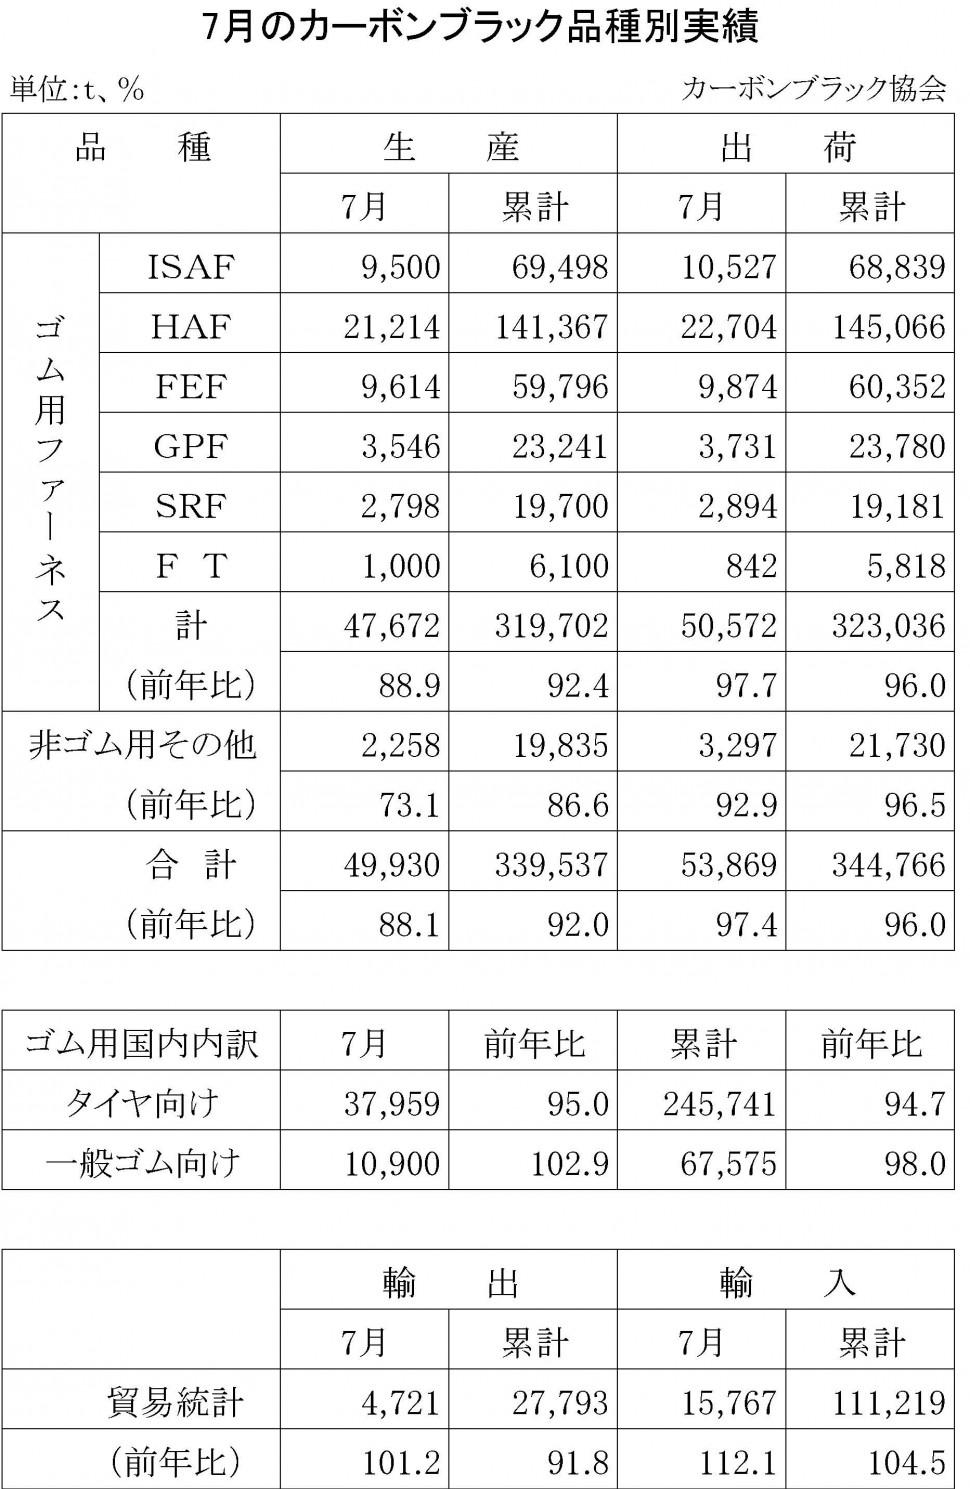 2015年7月のカーボンブラック品種別実績